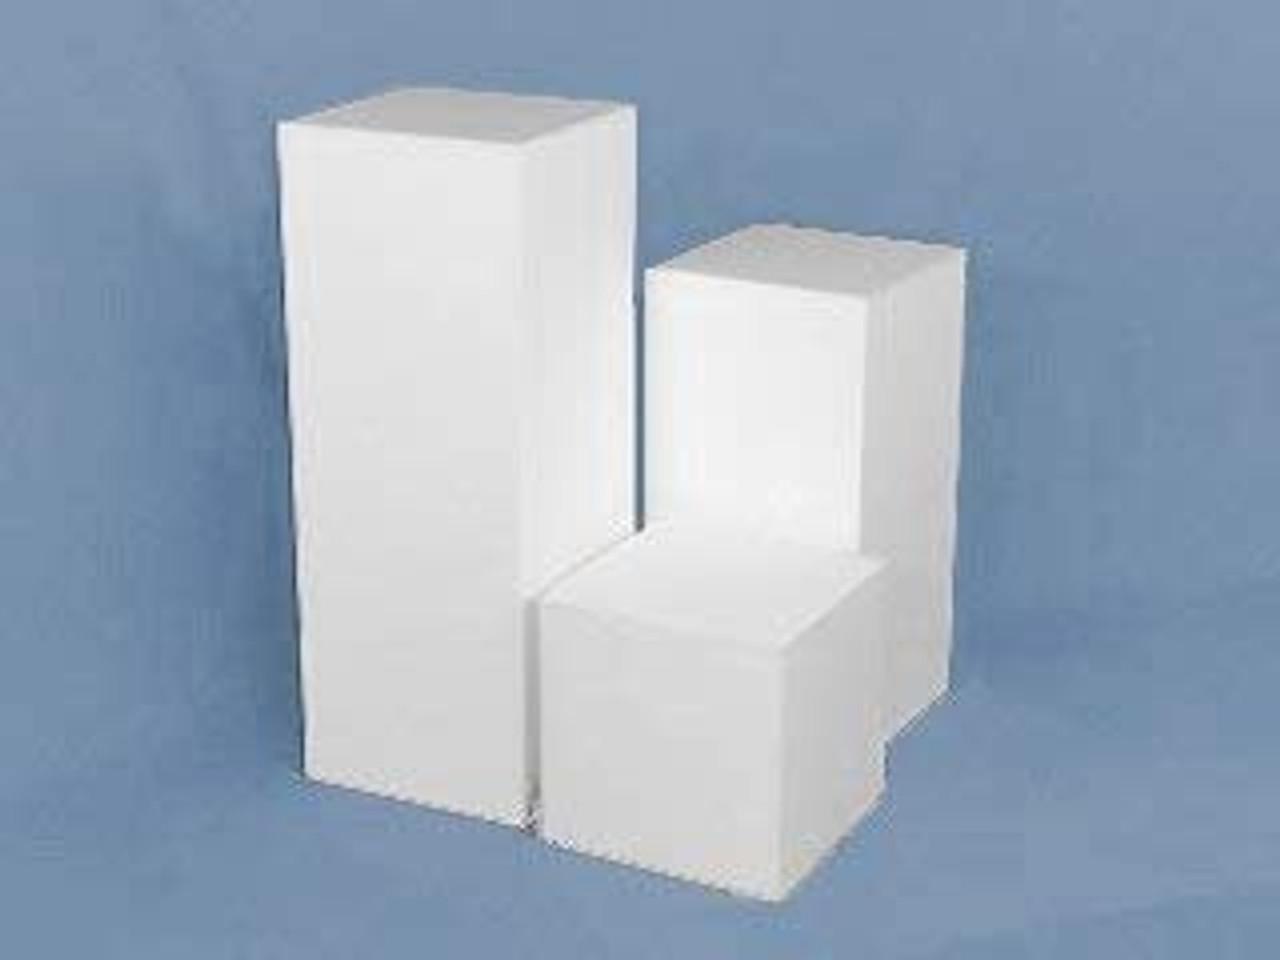 Matte Finish White Square Cube, 12 Inch